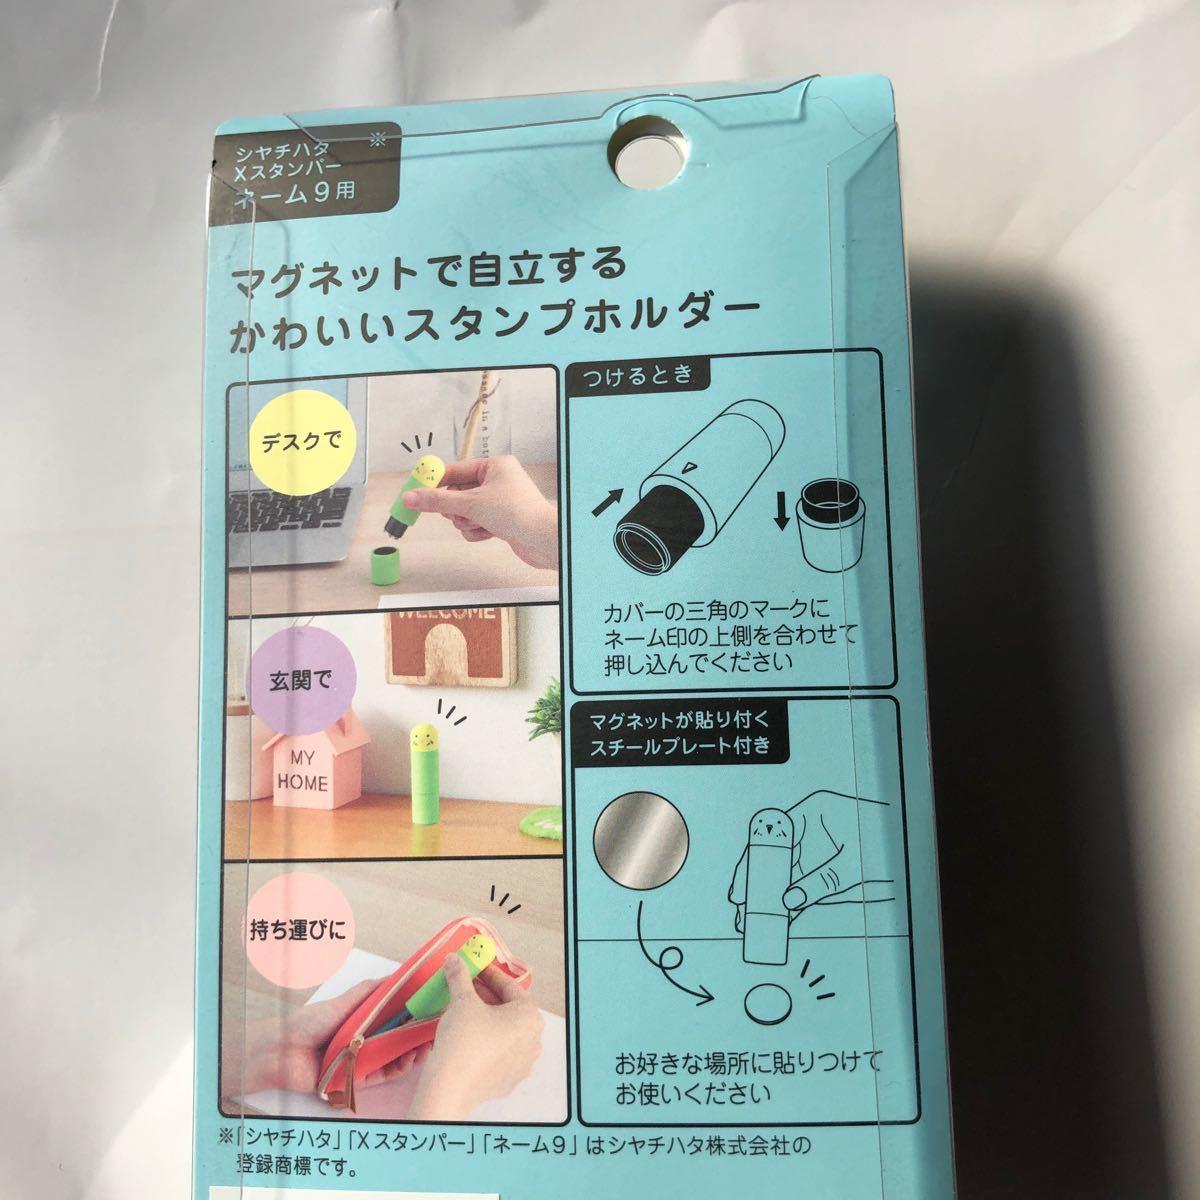 値下げ中 ハチワレ猫 シャチハタ Xスタンパーネーム9専用